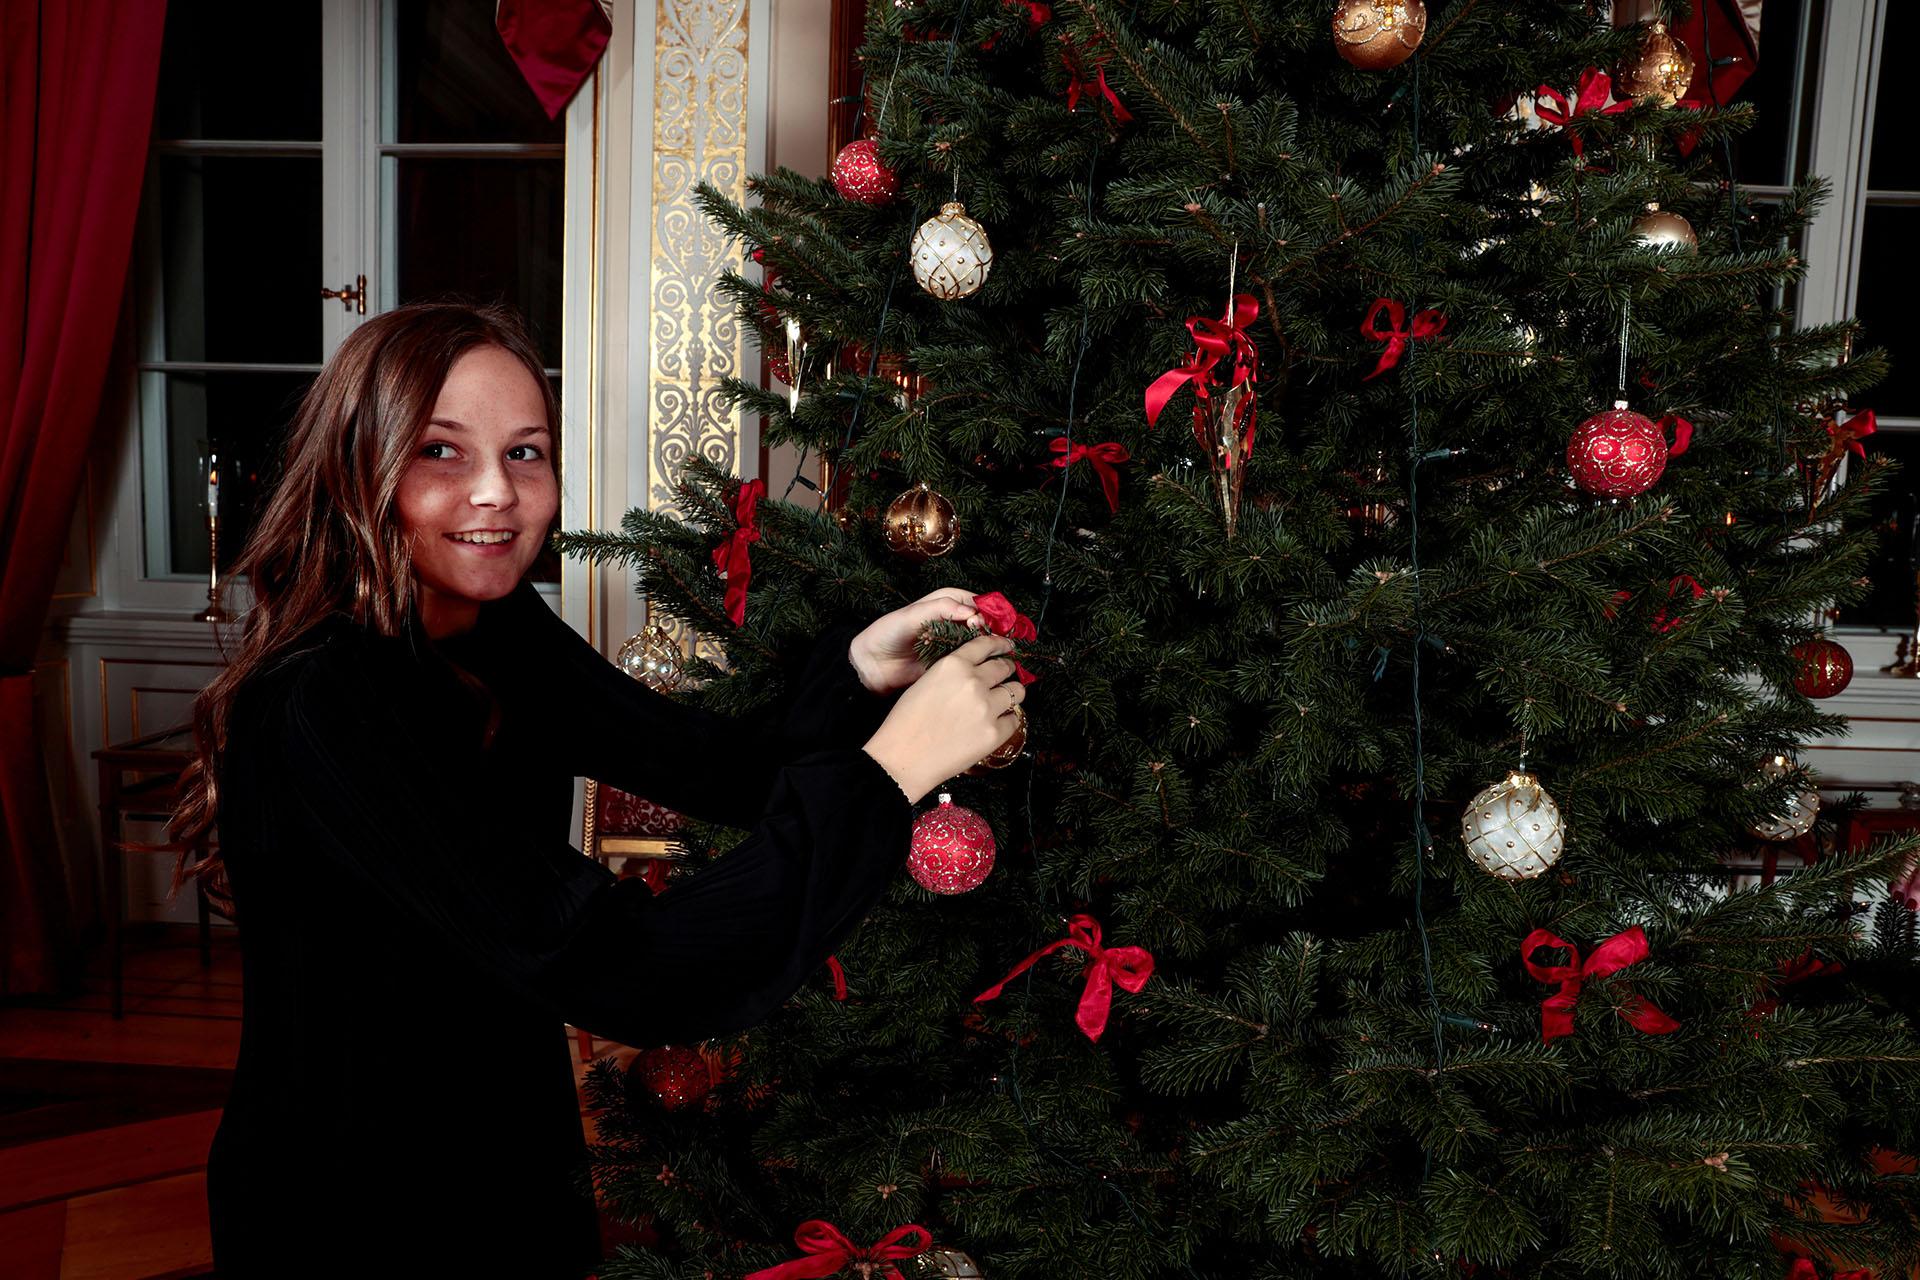 La princesa Ingrid Alexandra (nacida en 2004) y el príncipe Sverre Magnus (nacido en 2005) son los hijos en común que tienen el príncipe Haakon y la princesa Mette-Marit. La pareja real almorzará el 24 de diciembre con un grupo de personas en riesgo de exclusión, dejando de lado la comodidad del Palacio